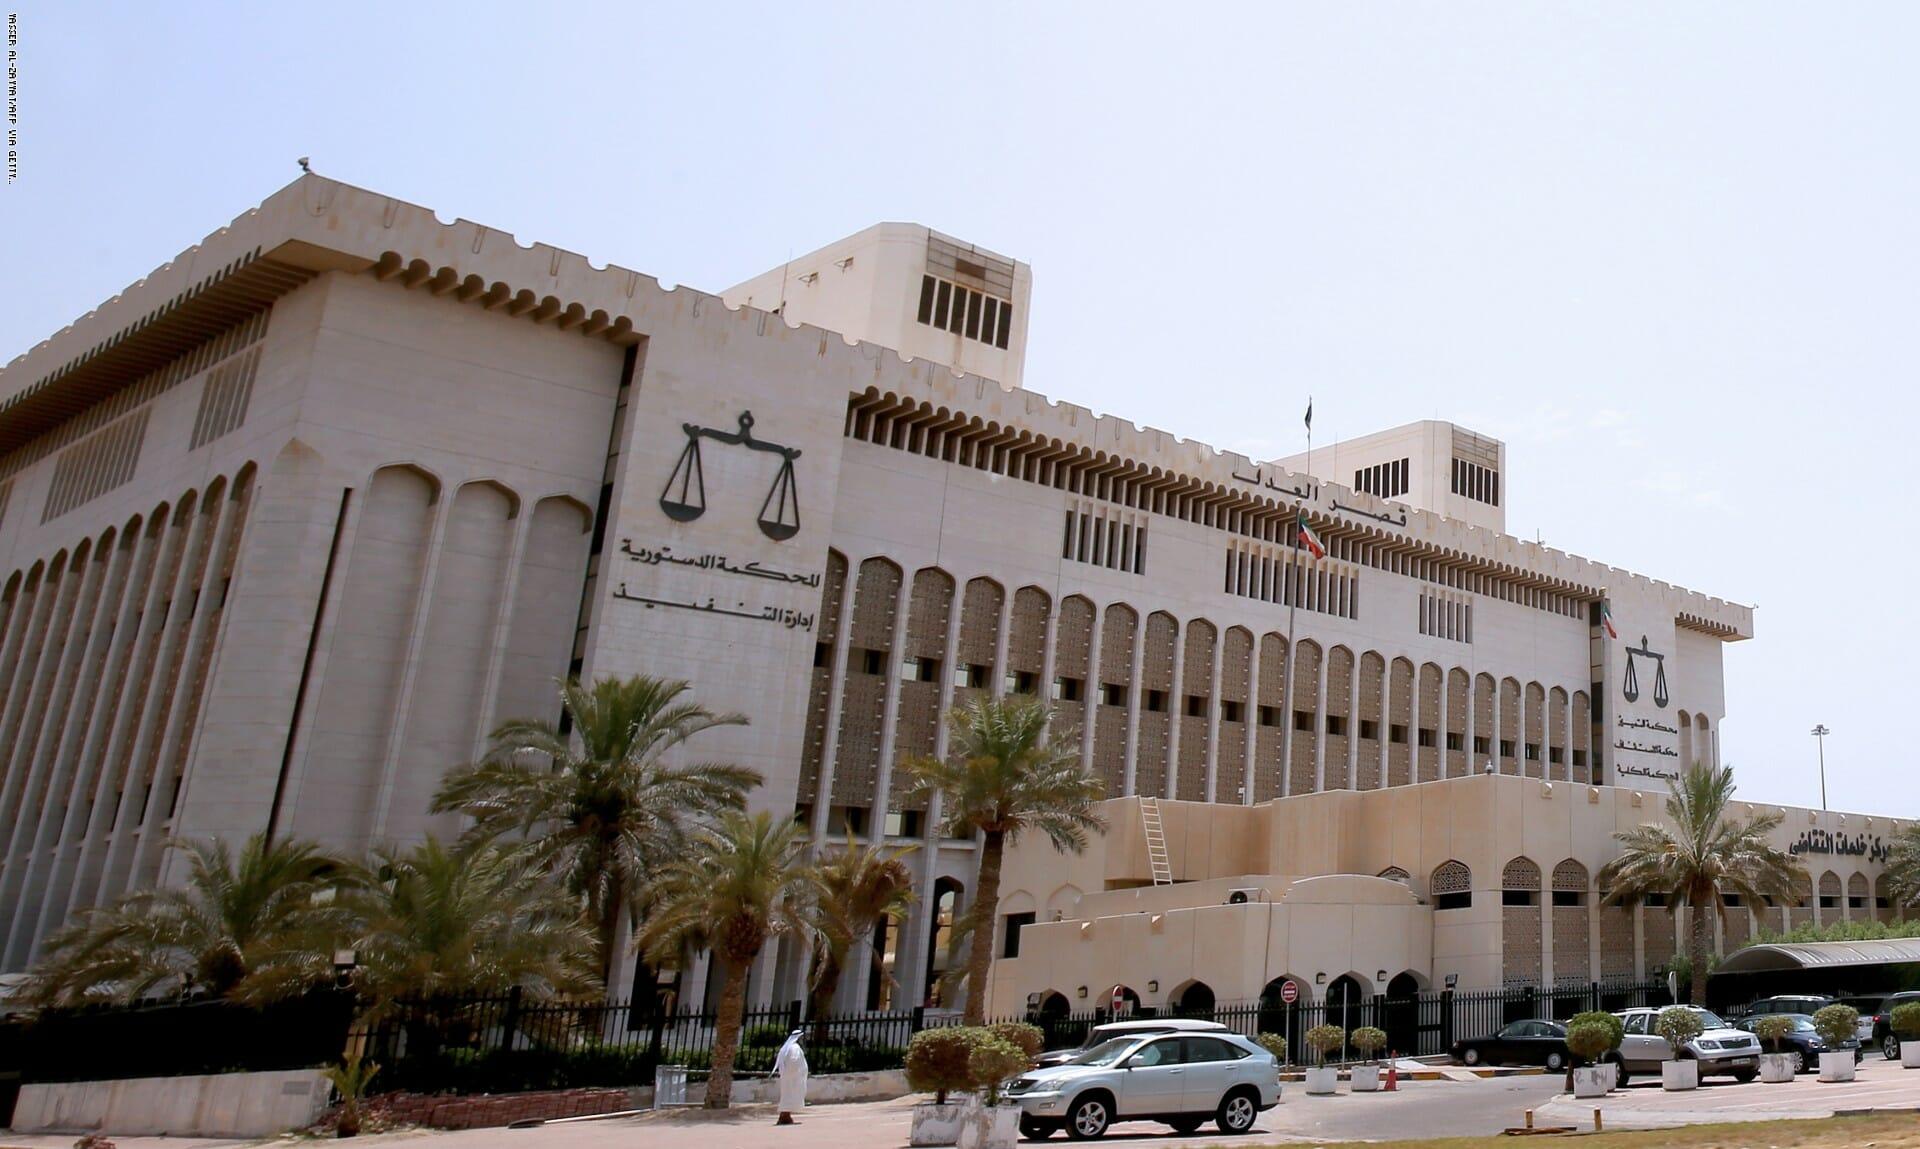 الكويت تعاقب صاحبة موقع عالم حواء